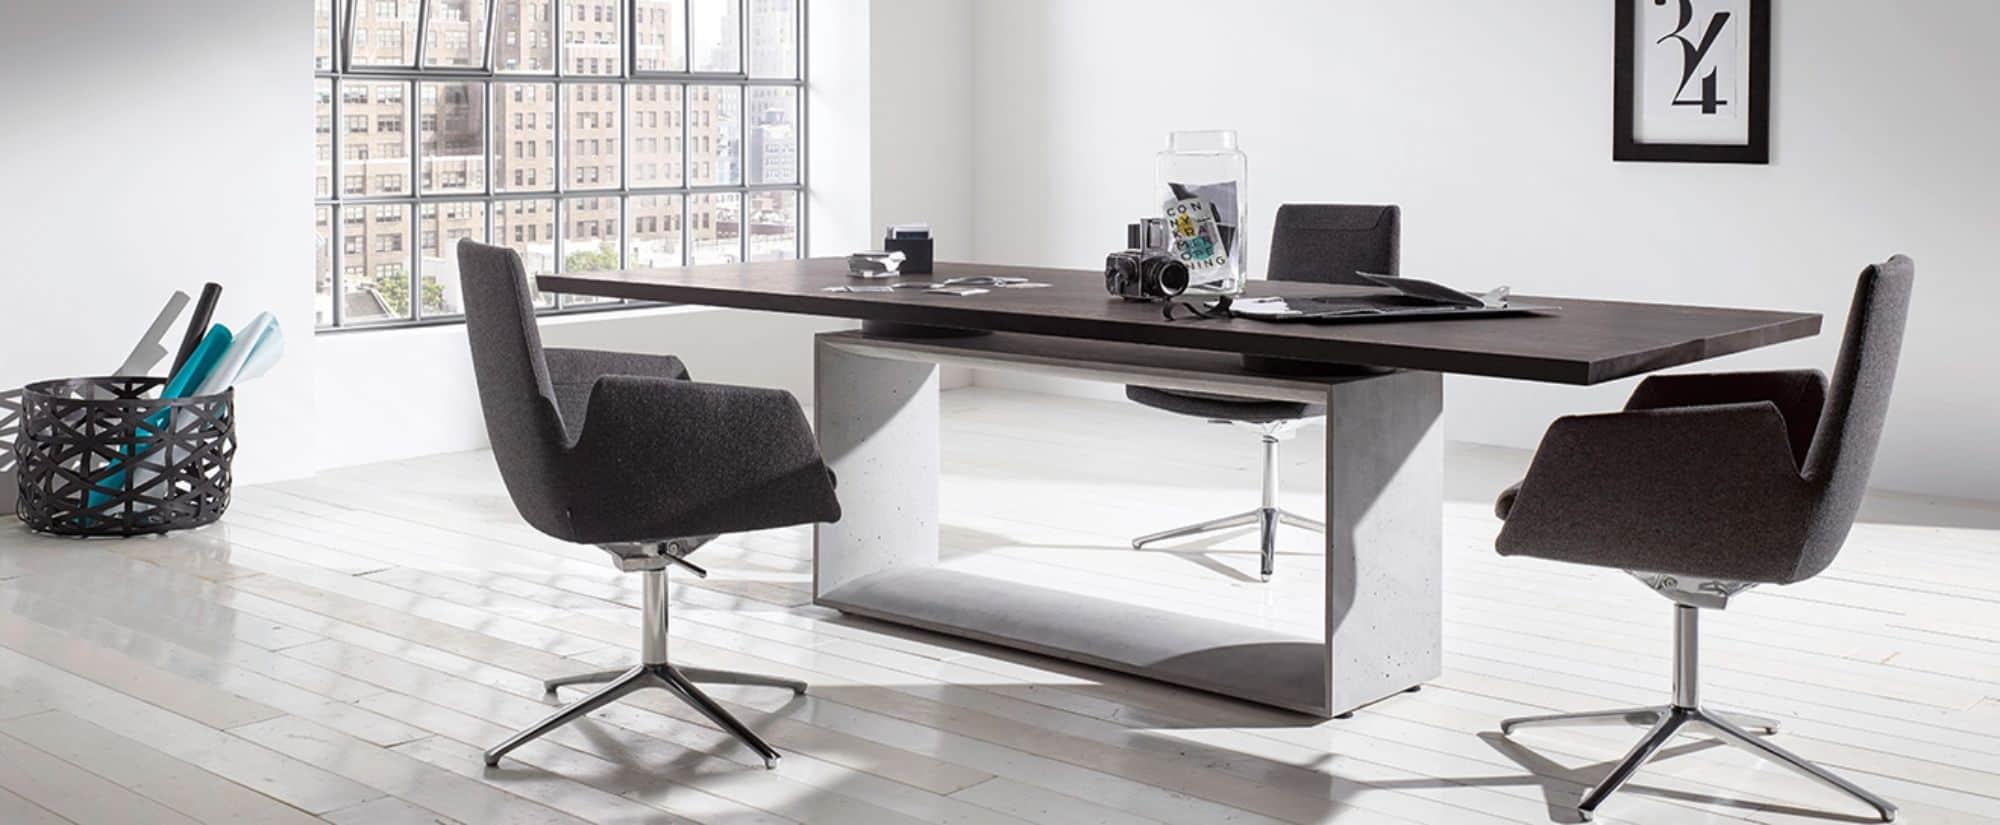 KFF benton table